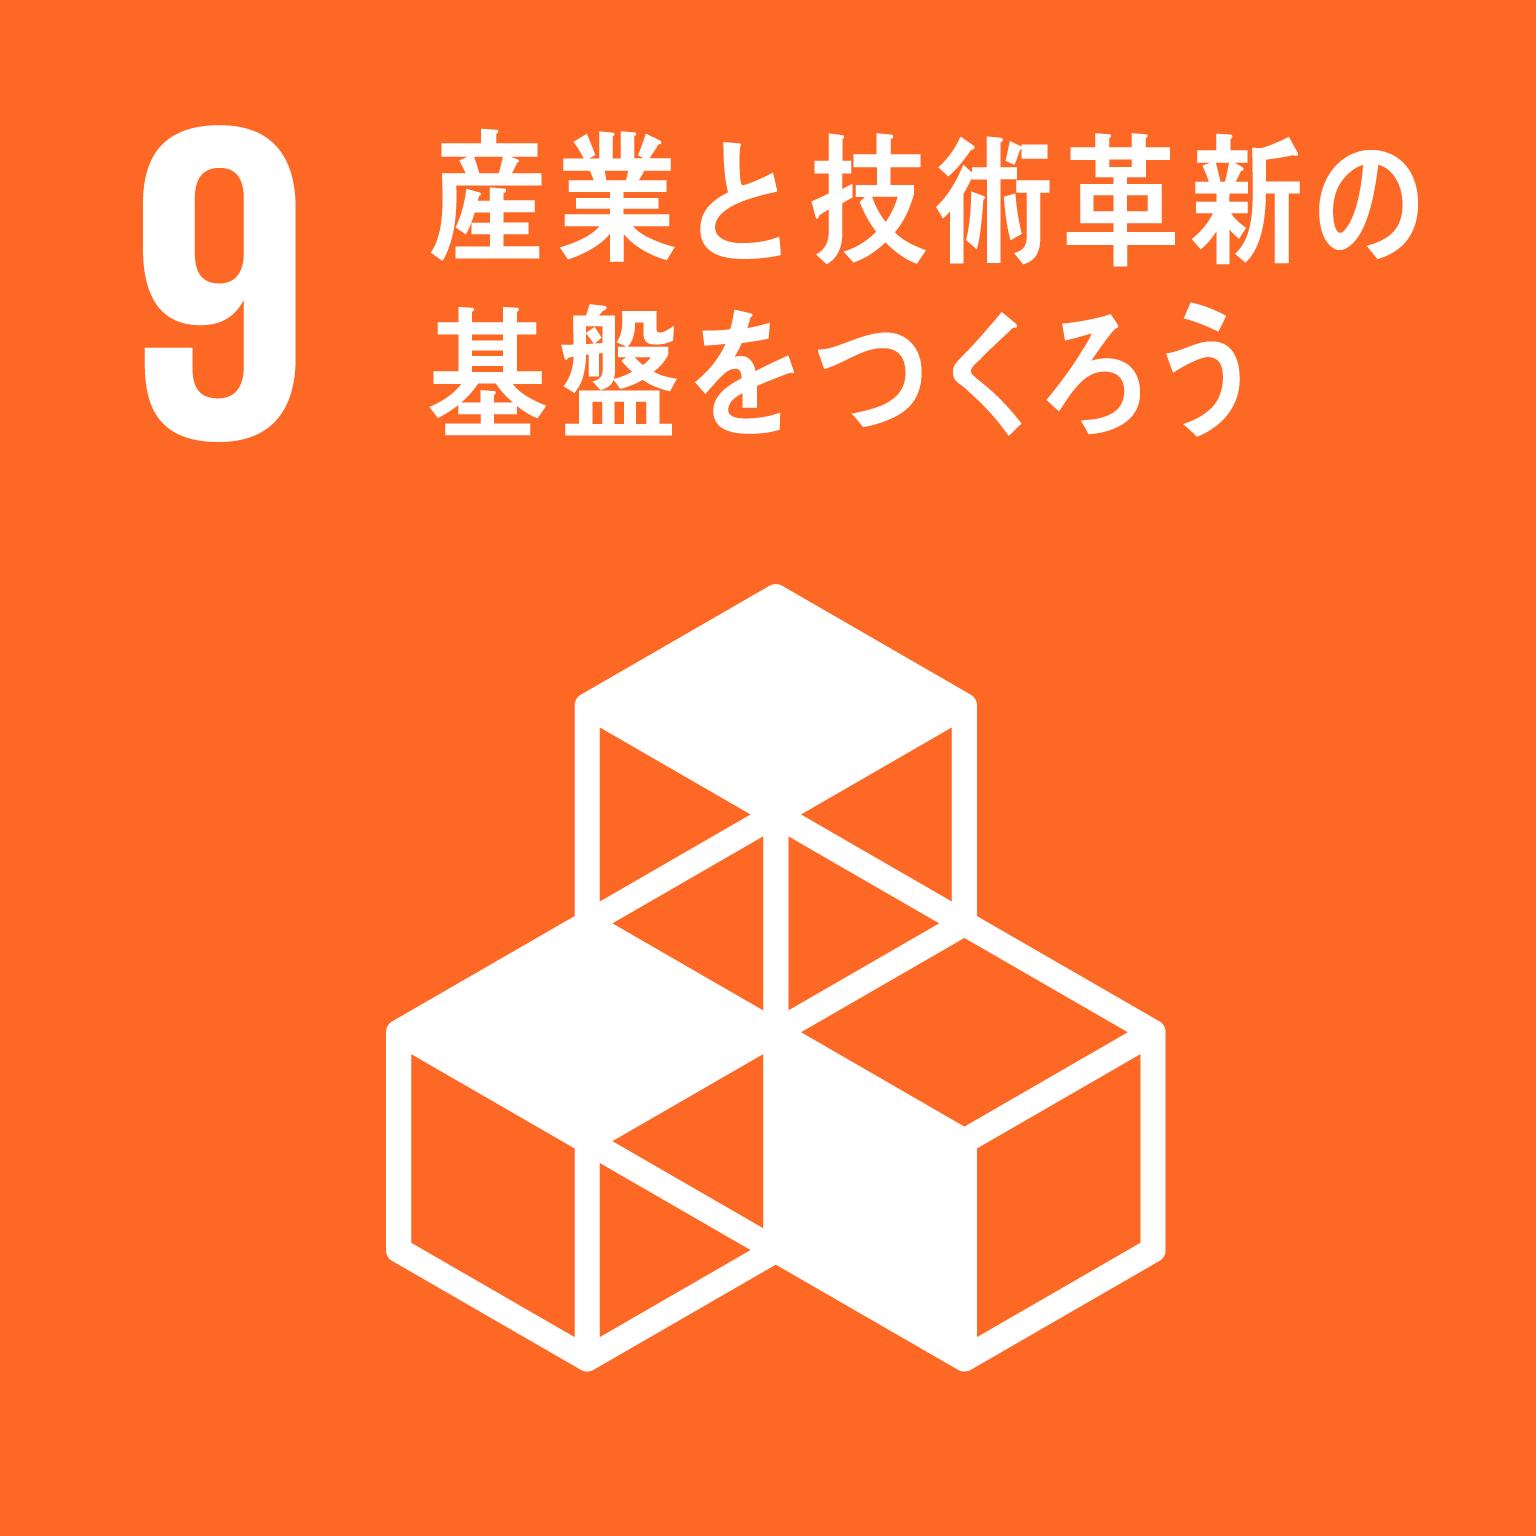 目標9: 産業と技術革新の基盤をつくろう